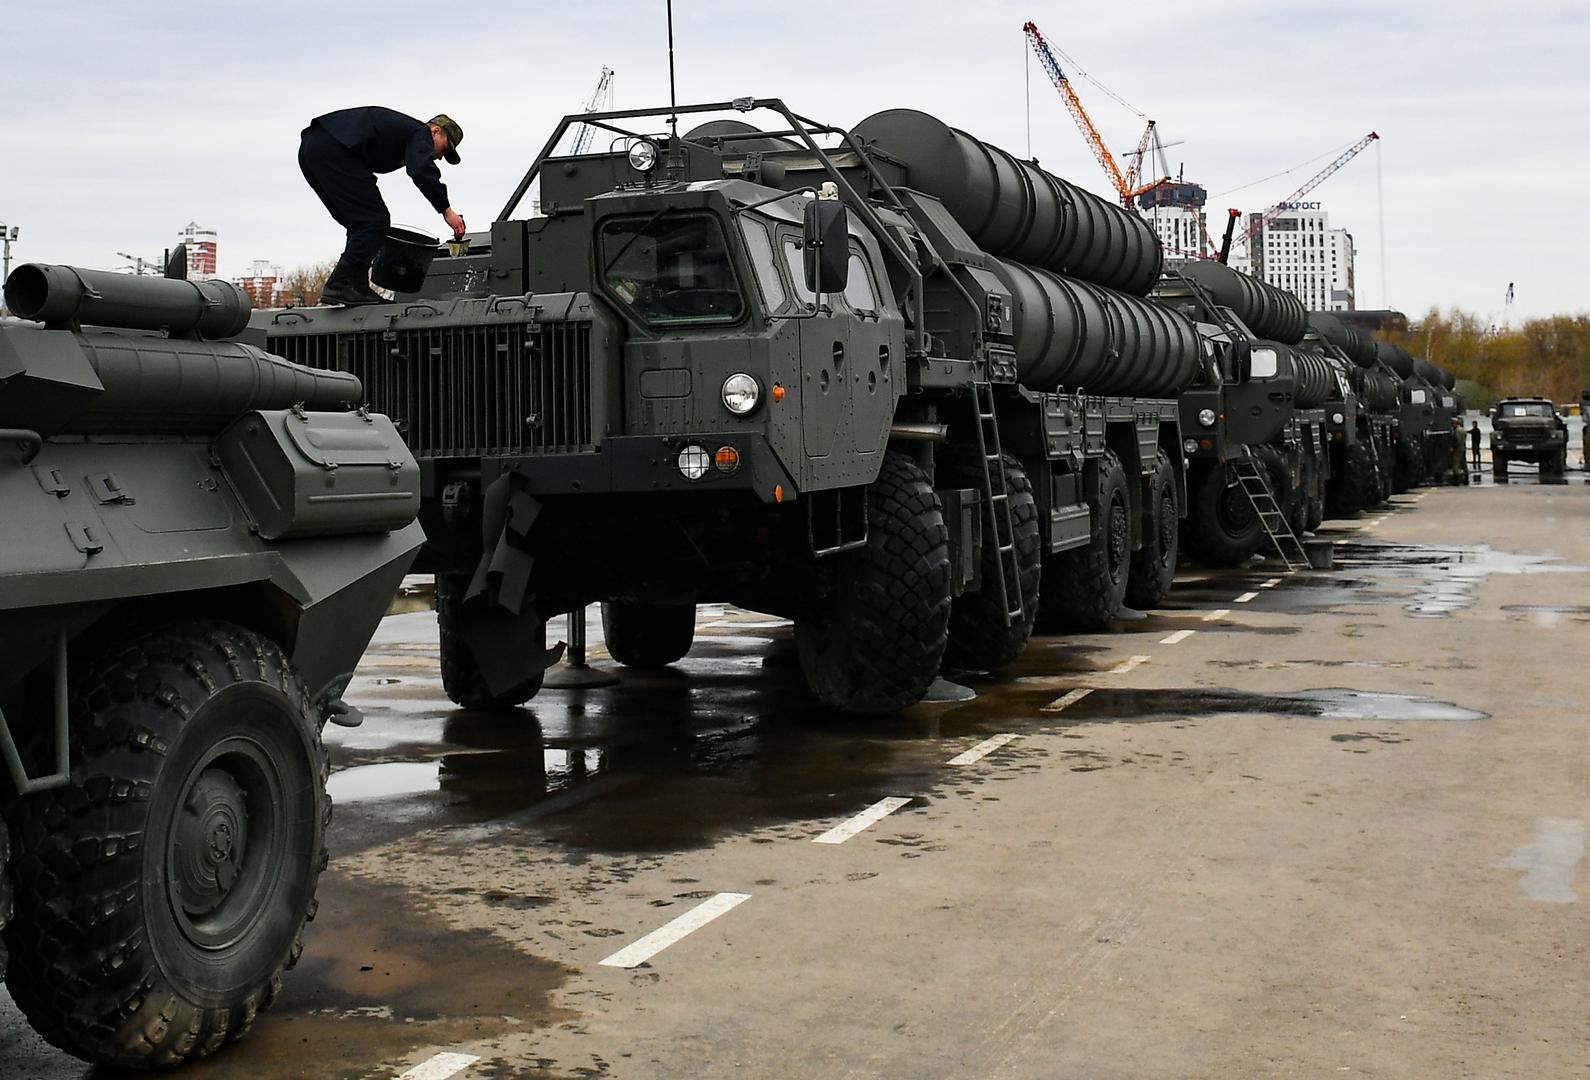 شاهد.. مقاتلات  إف-16  تحلق في اختبار لمنظومة  إس-400  في تركيا -